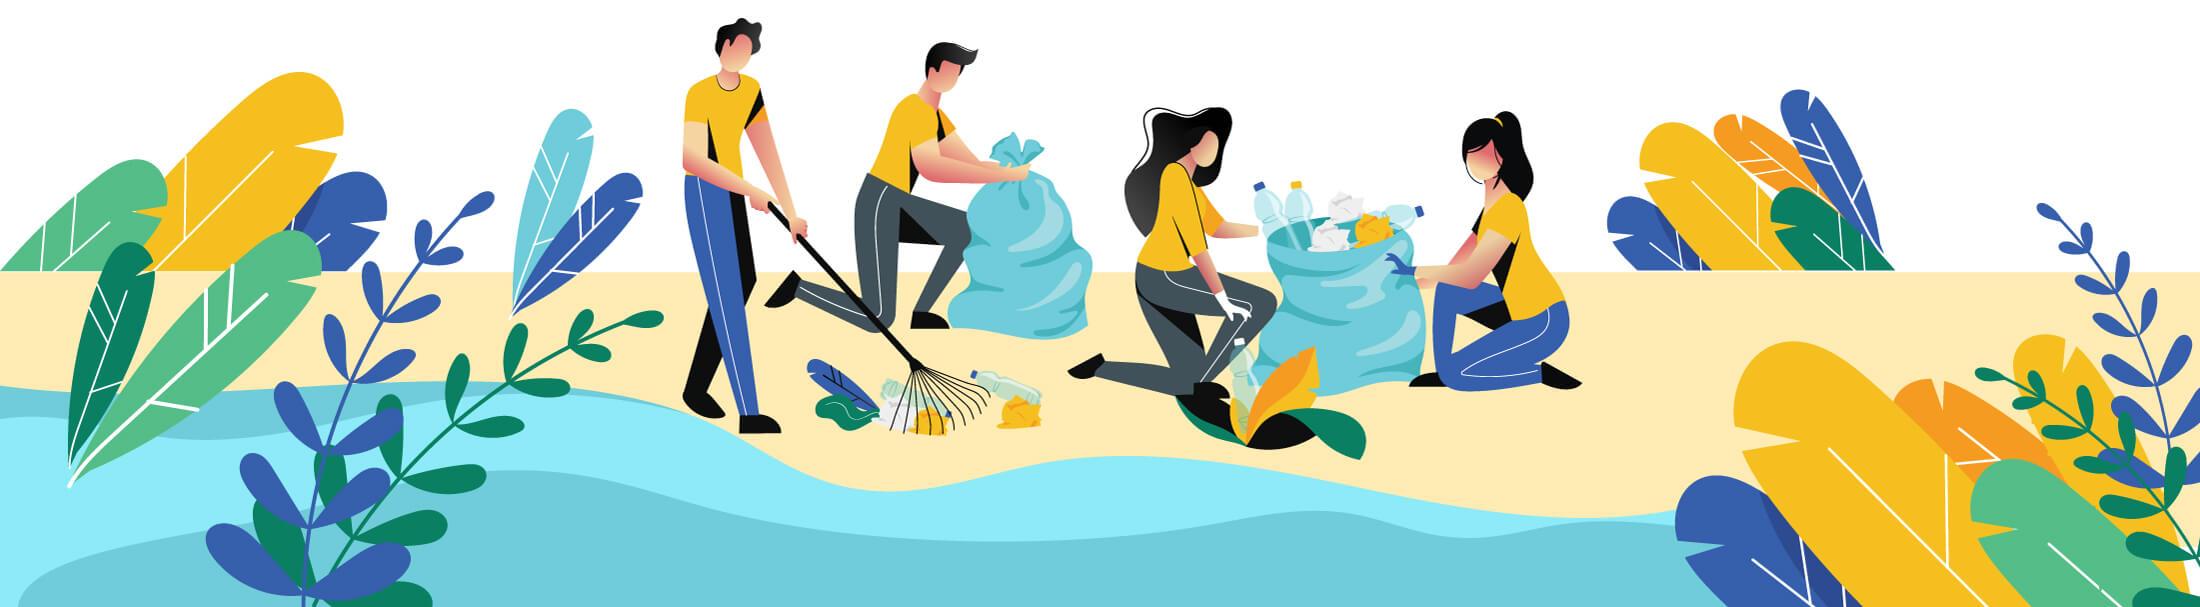 یادگیری از راه خدمت؛ پاکسازی نهر در کلاس زیستشناسی